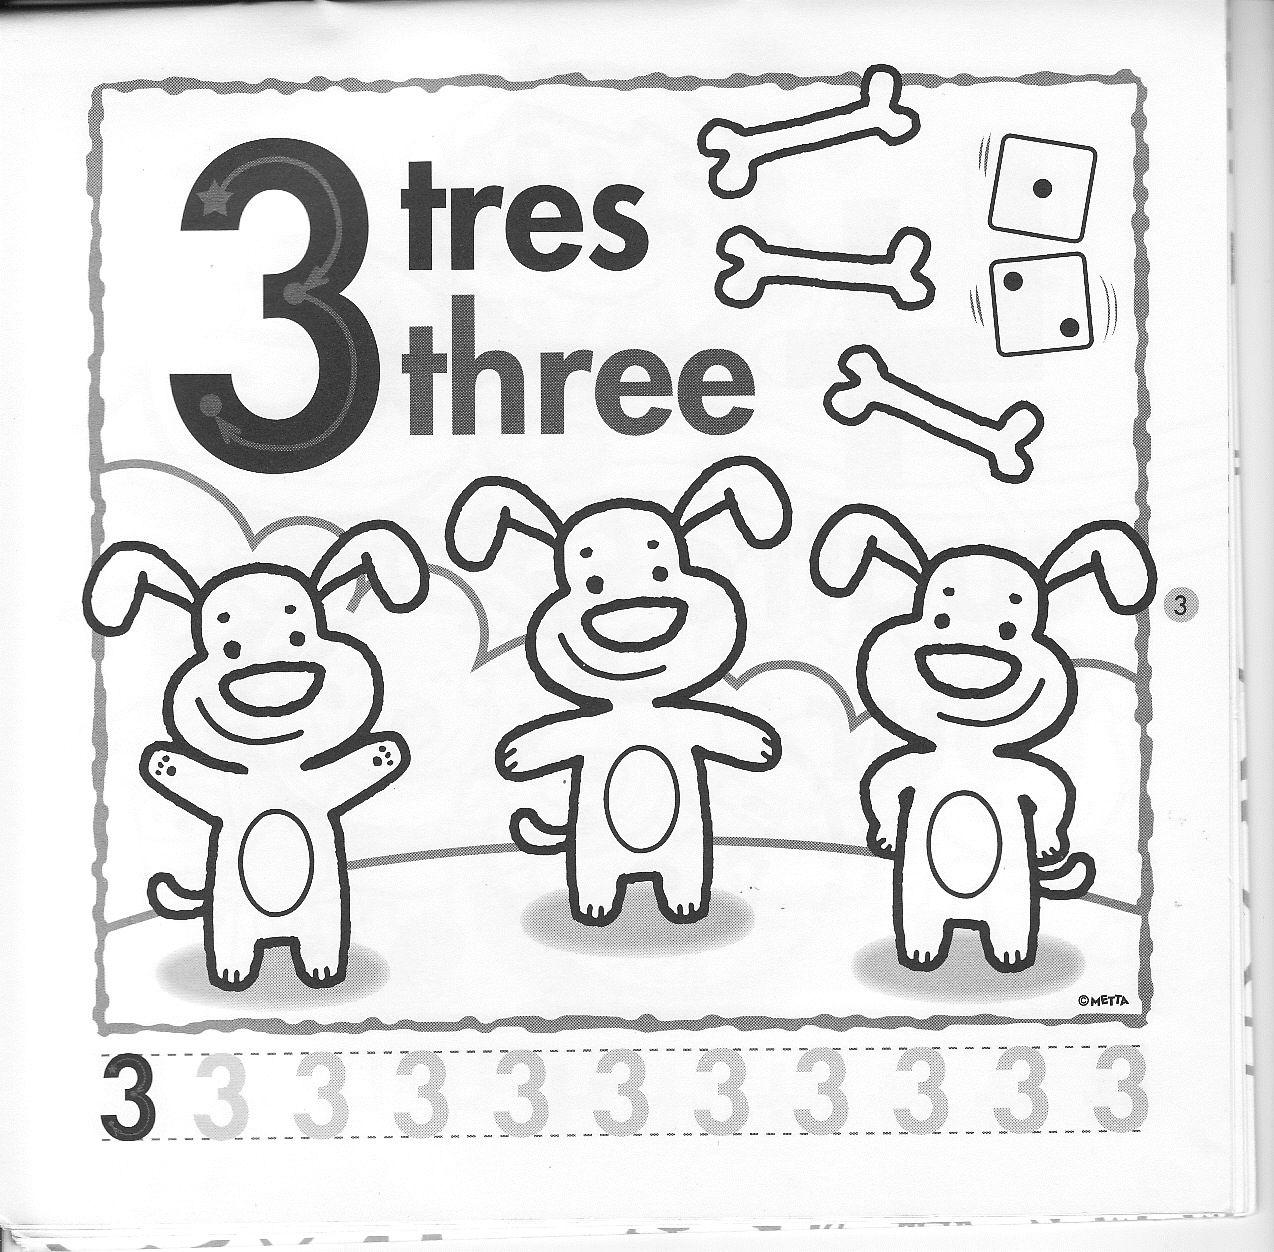 Fichas De Inglés Para Niños Fichas De Números En Inglés Cuaderno De Ingles Ingles Para Preescolar Numeros En Ingles